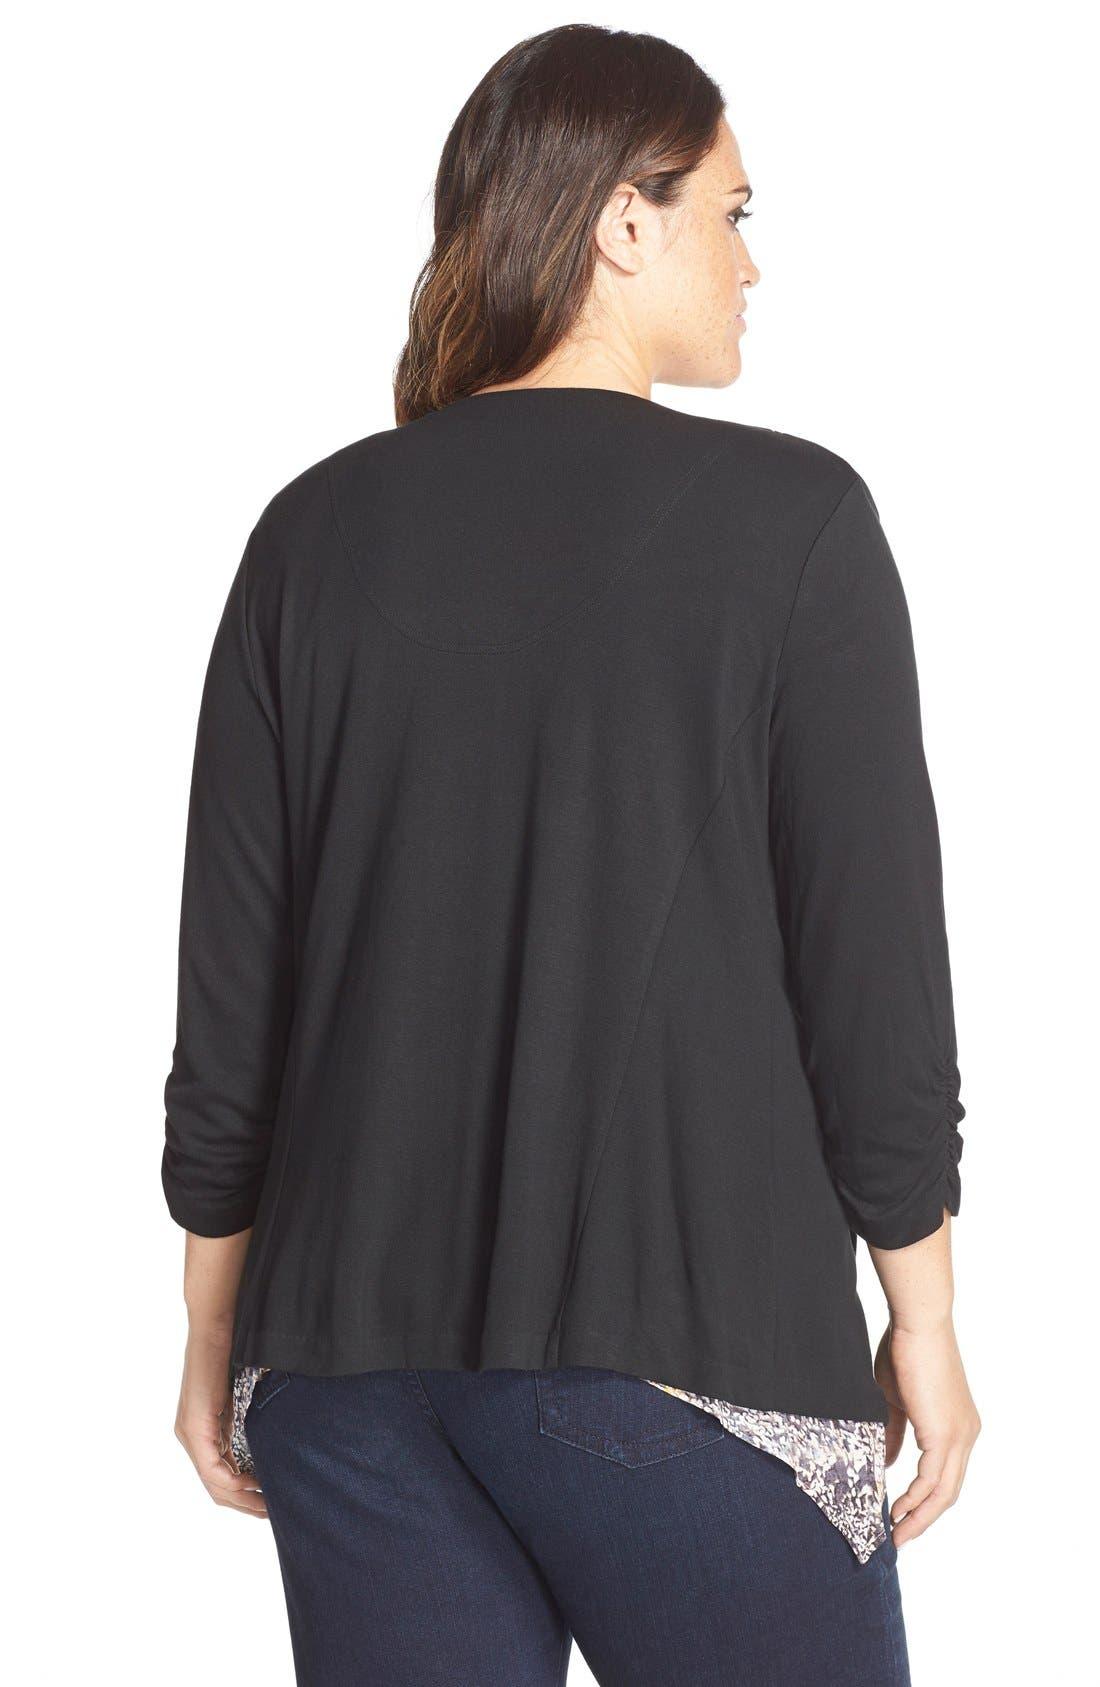 Alternate Image 2  - Tart 'Olga' Knit Jacket (Plus Size)